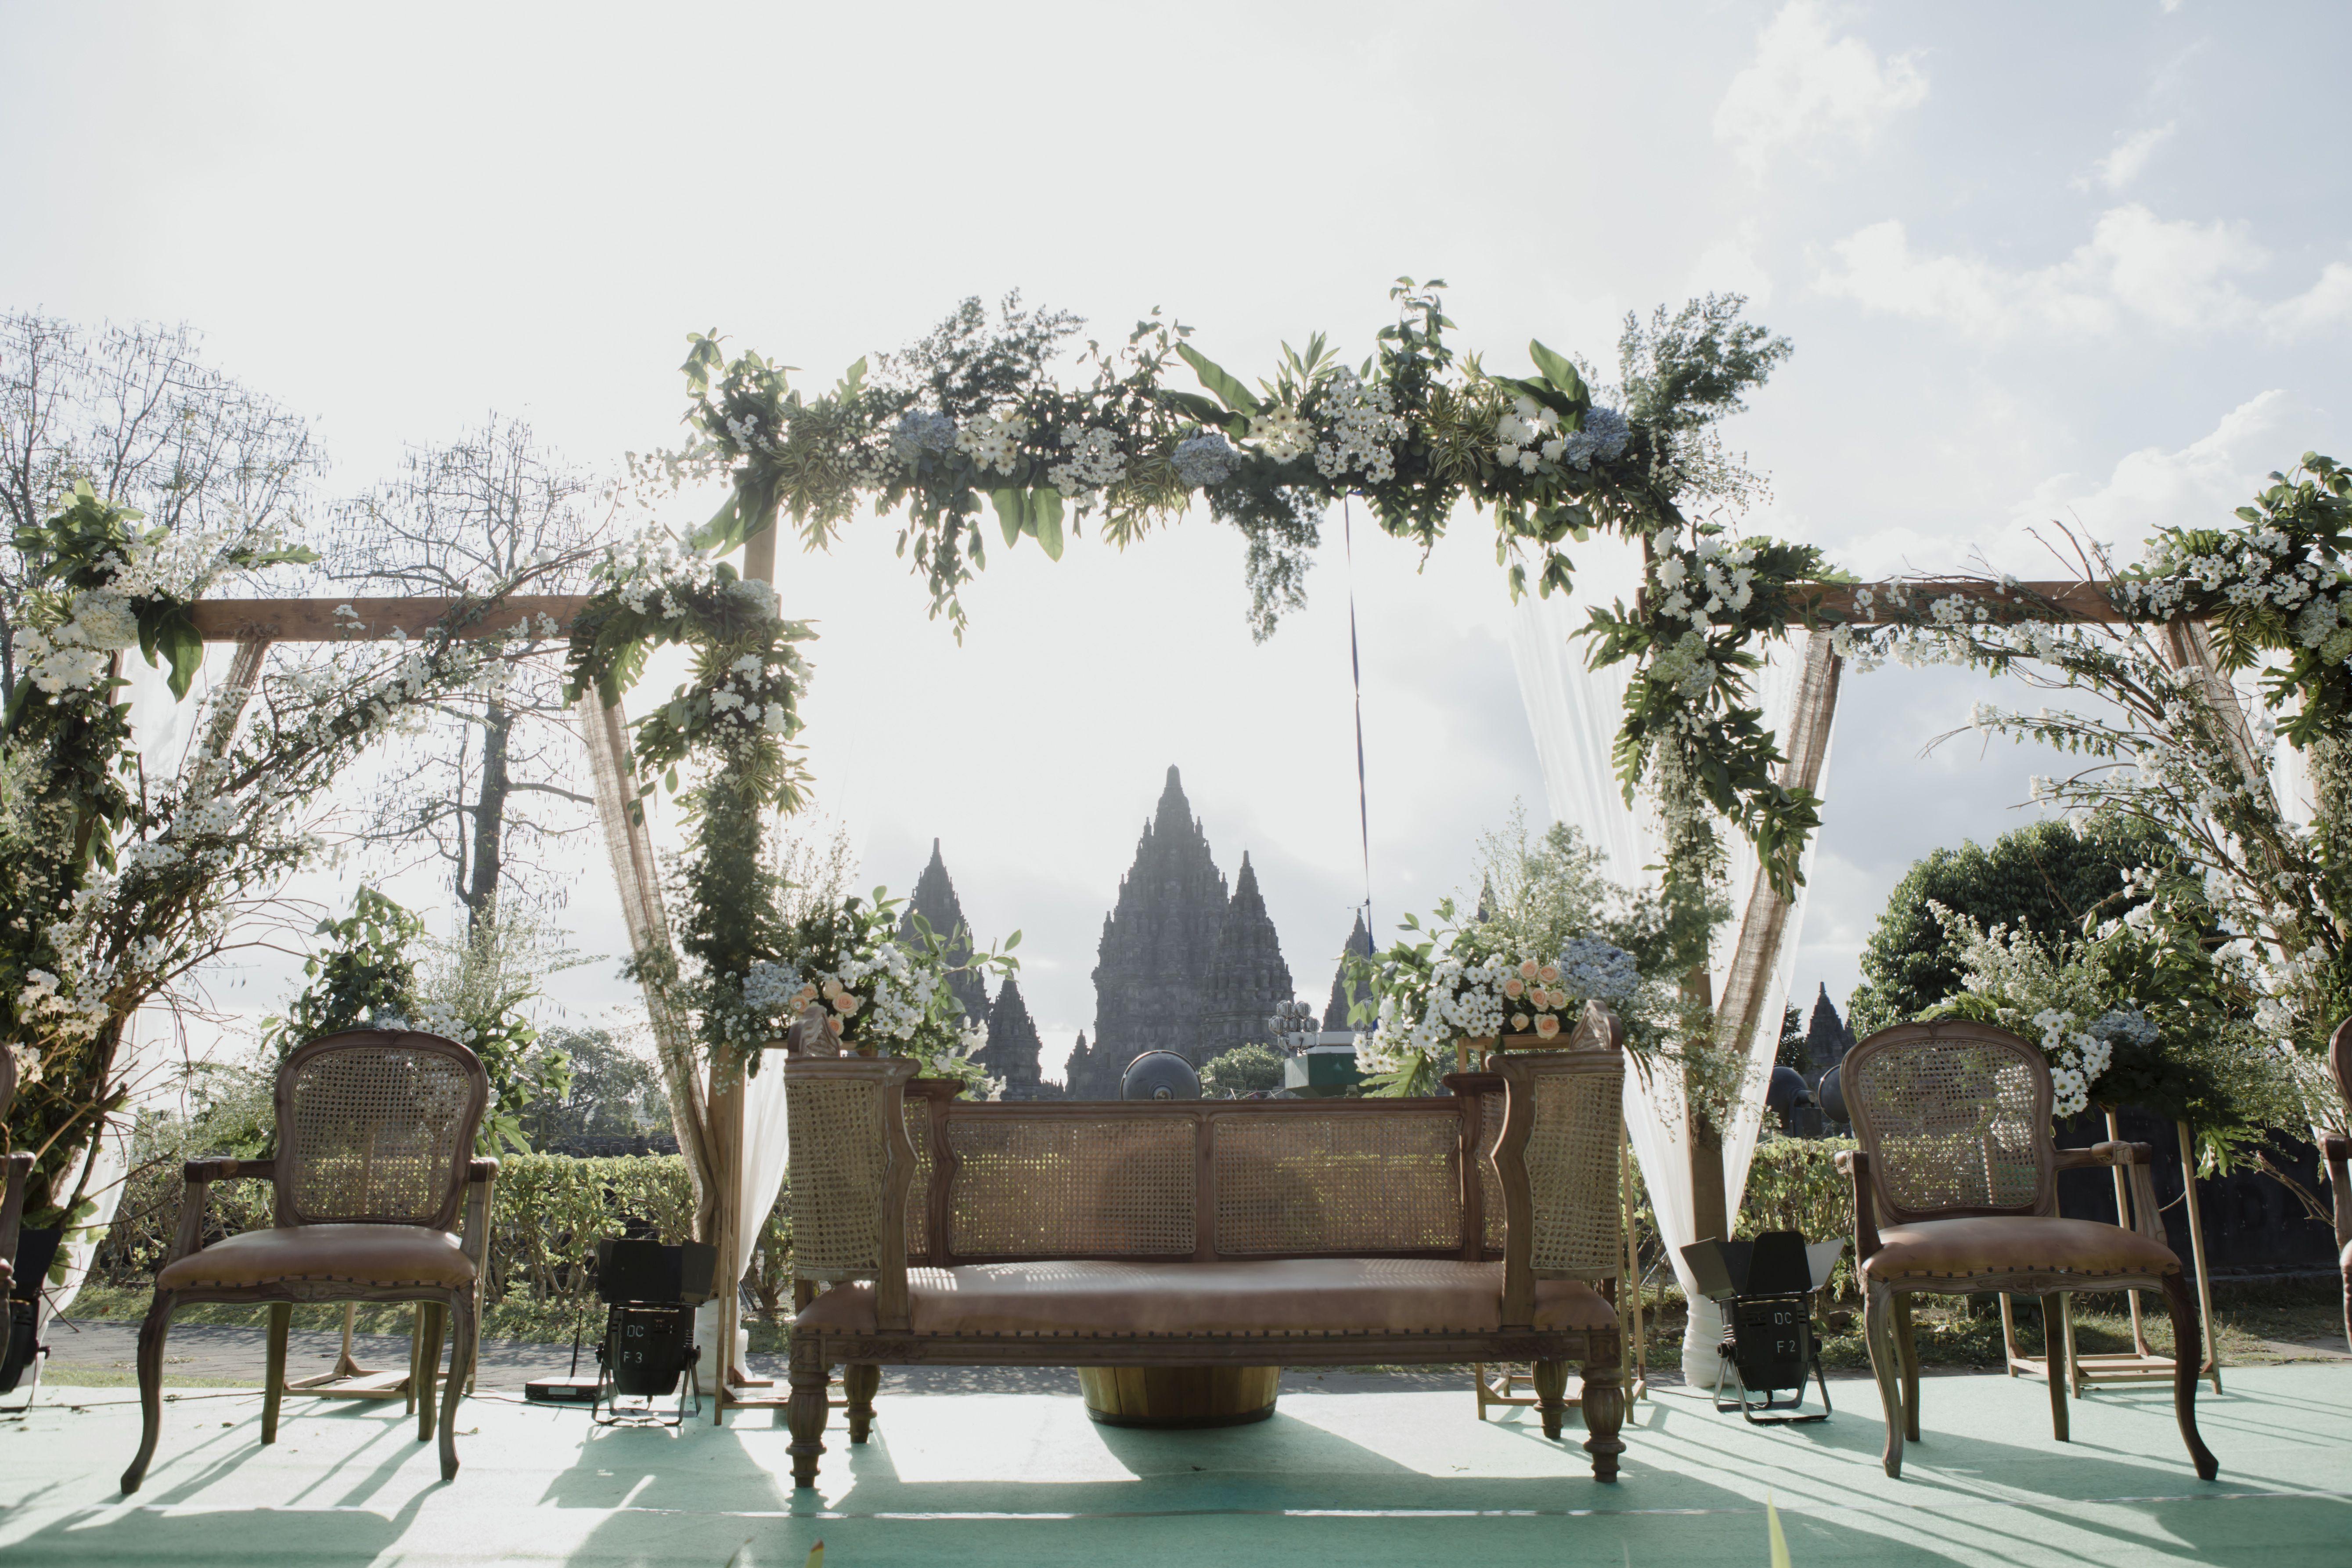 Dekorasi Rustic Outdoor Pernikahan Ide Perkawinan Dekorasi Panggung Pernikahan